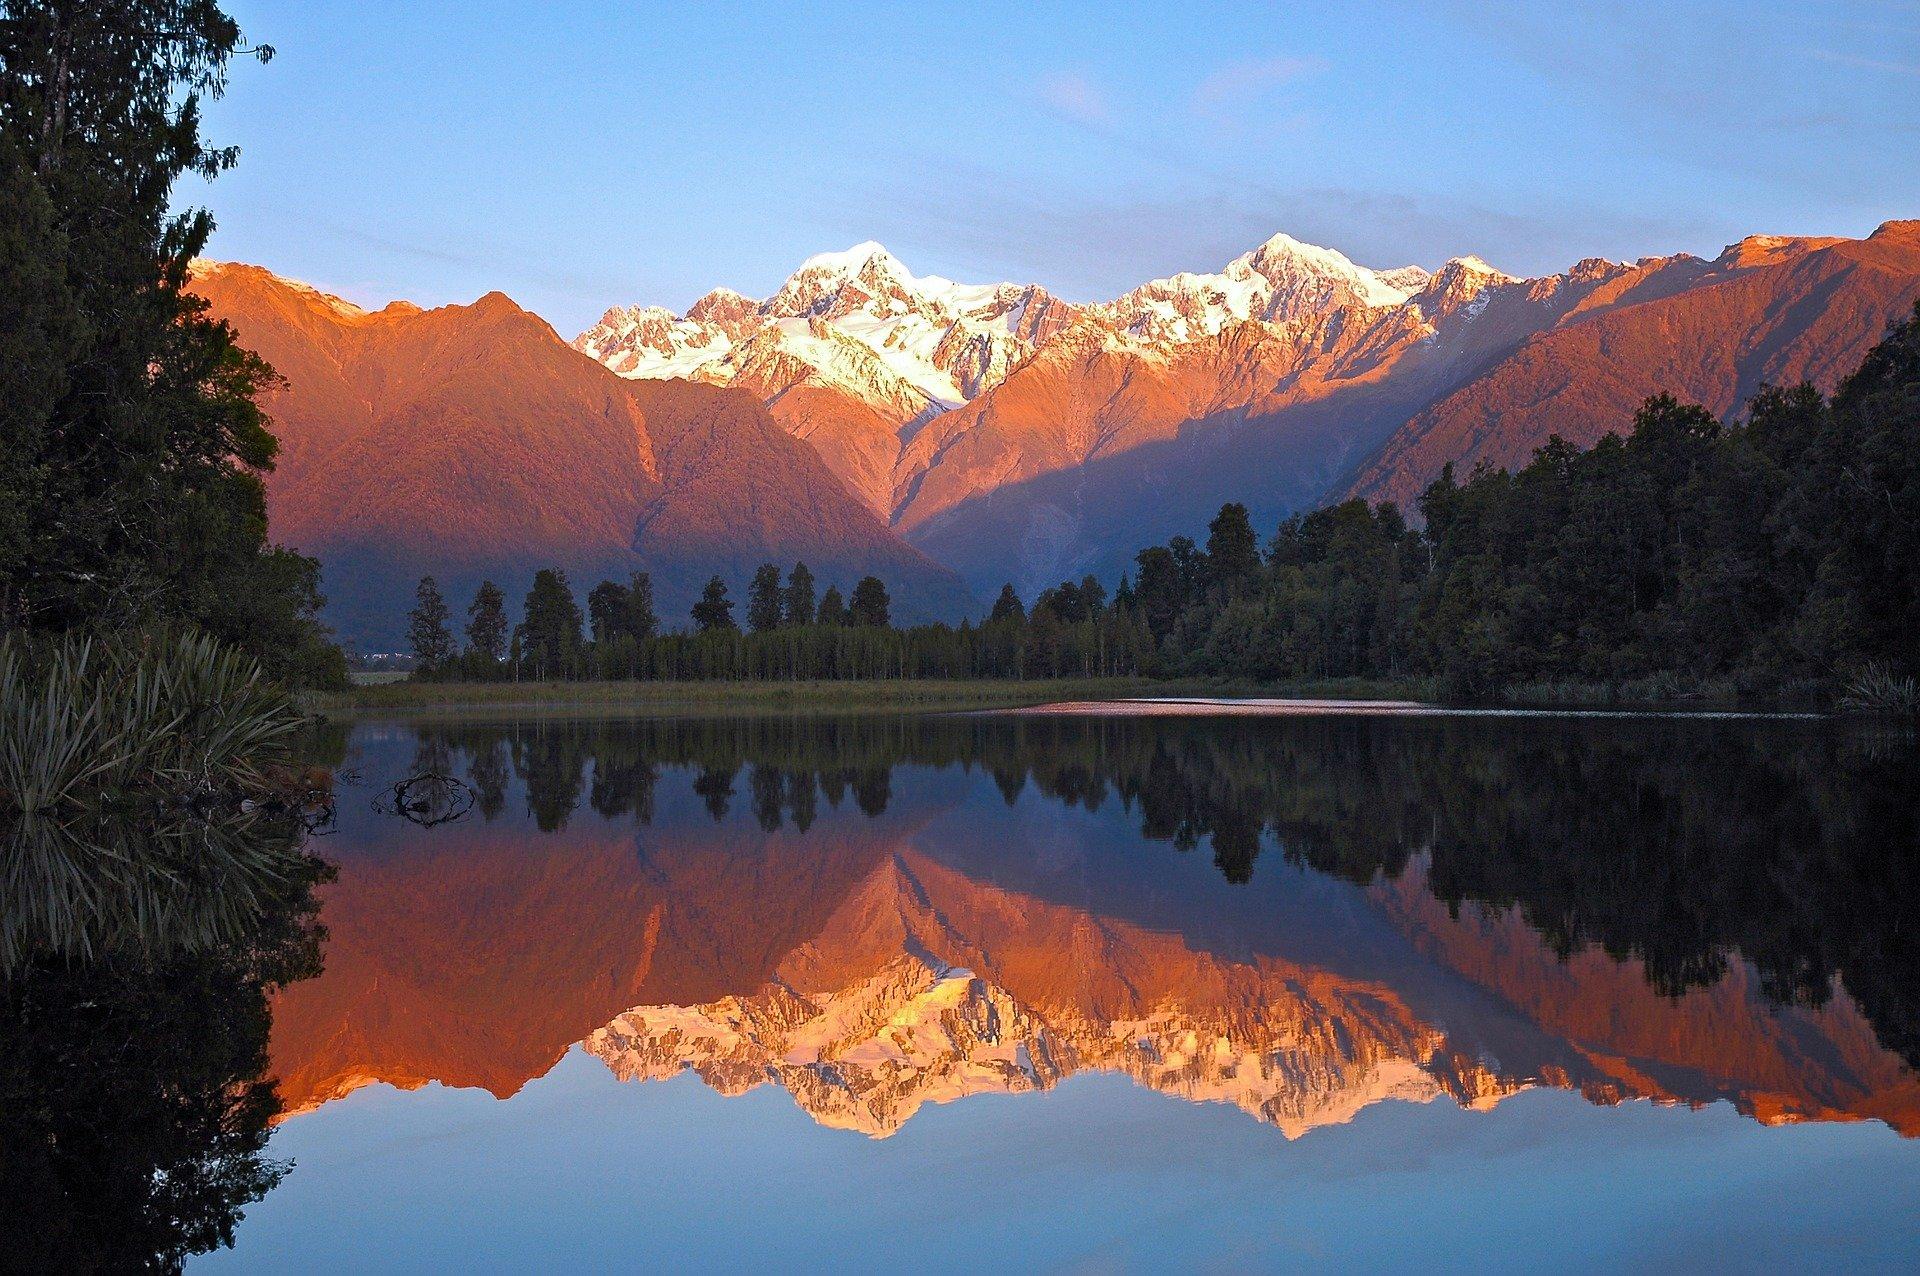 20-Day Honeymoon in New Zealand - New Zealand Itinerary